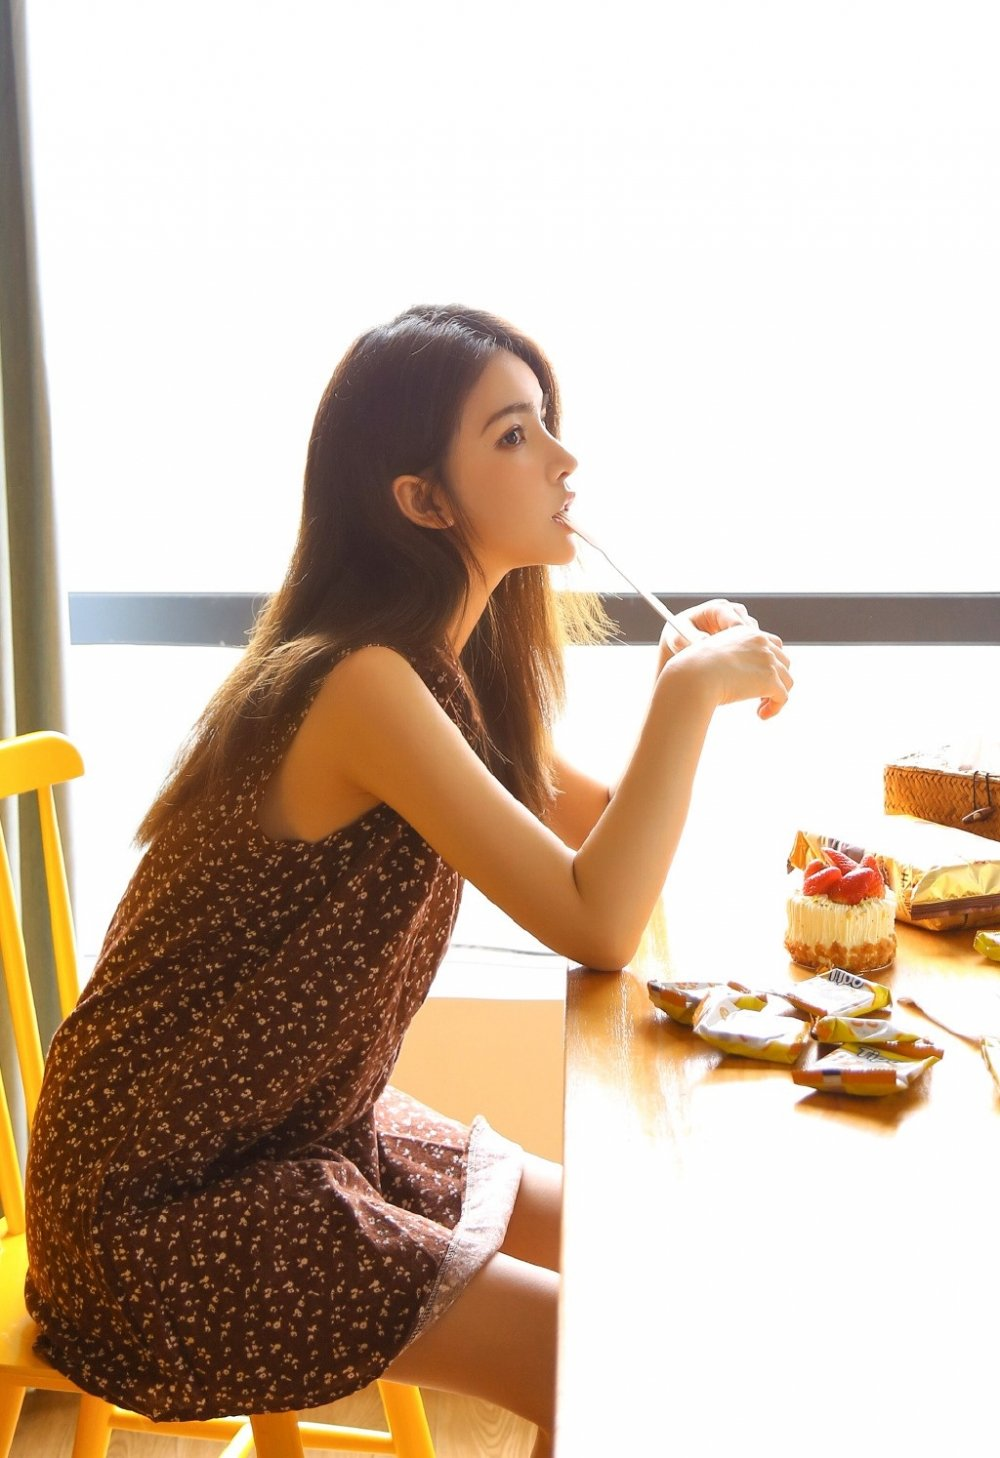 校园美女校花唯美阳光清纯气质下午茶写真图片